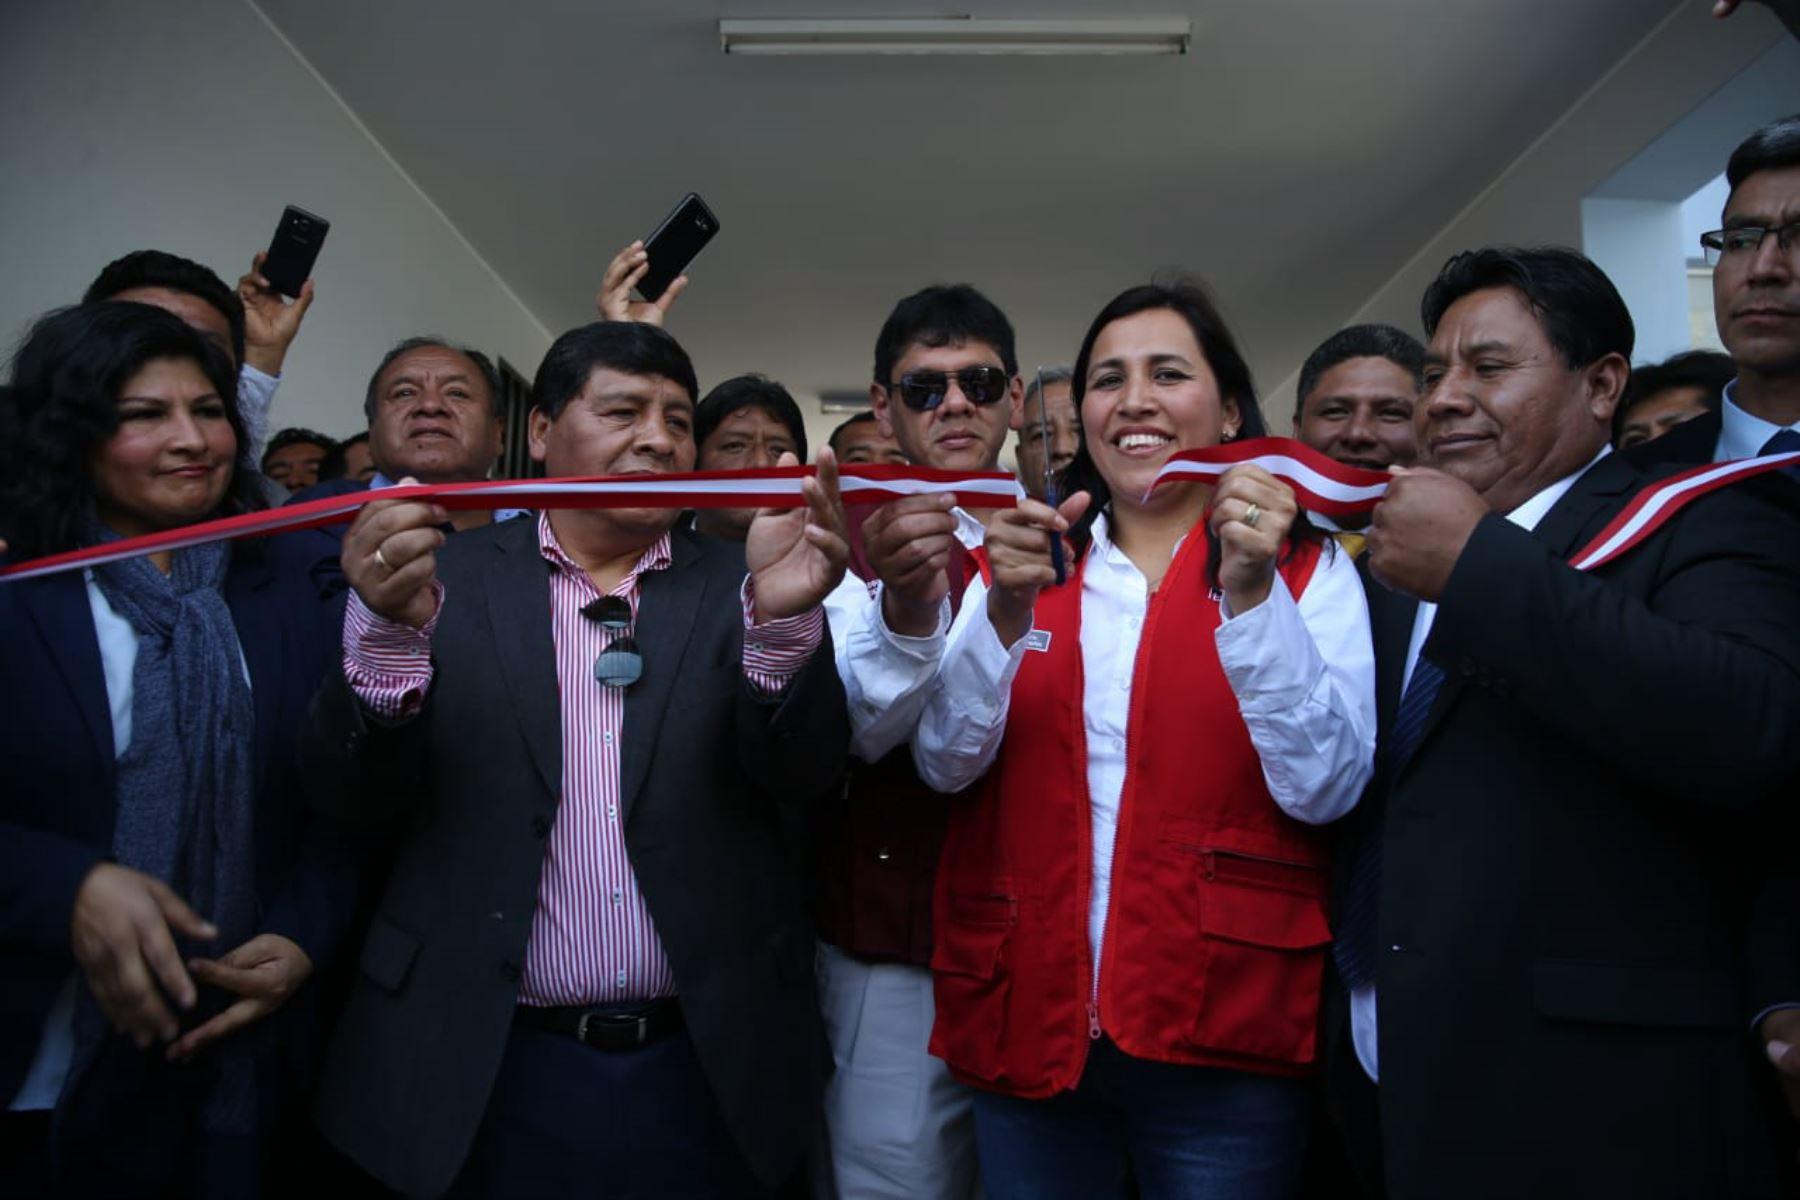 La ministra de Educación, Flor Pablo, inauguró las obras de mejoramiento de la infraestructura de la IE 22333 Juan José Salas Bernales, en la región Ica.